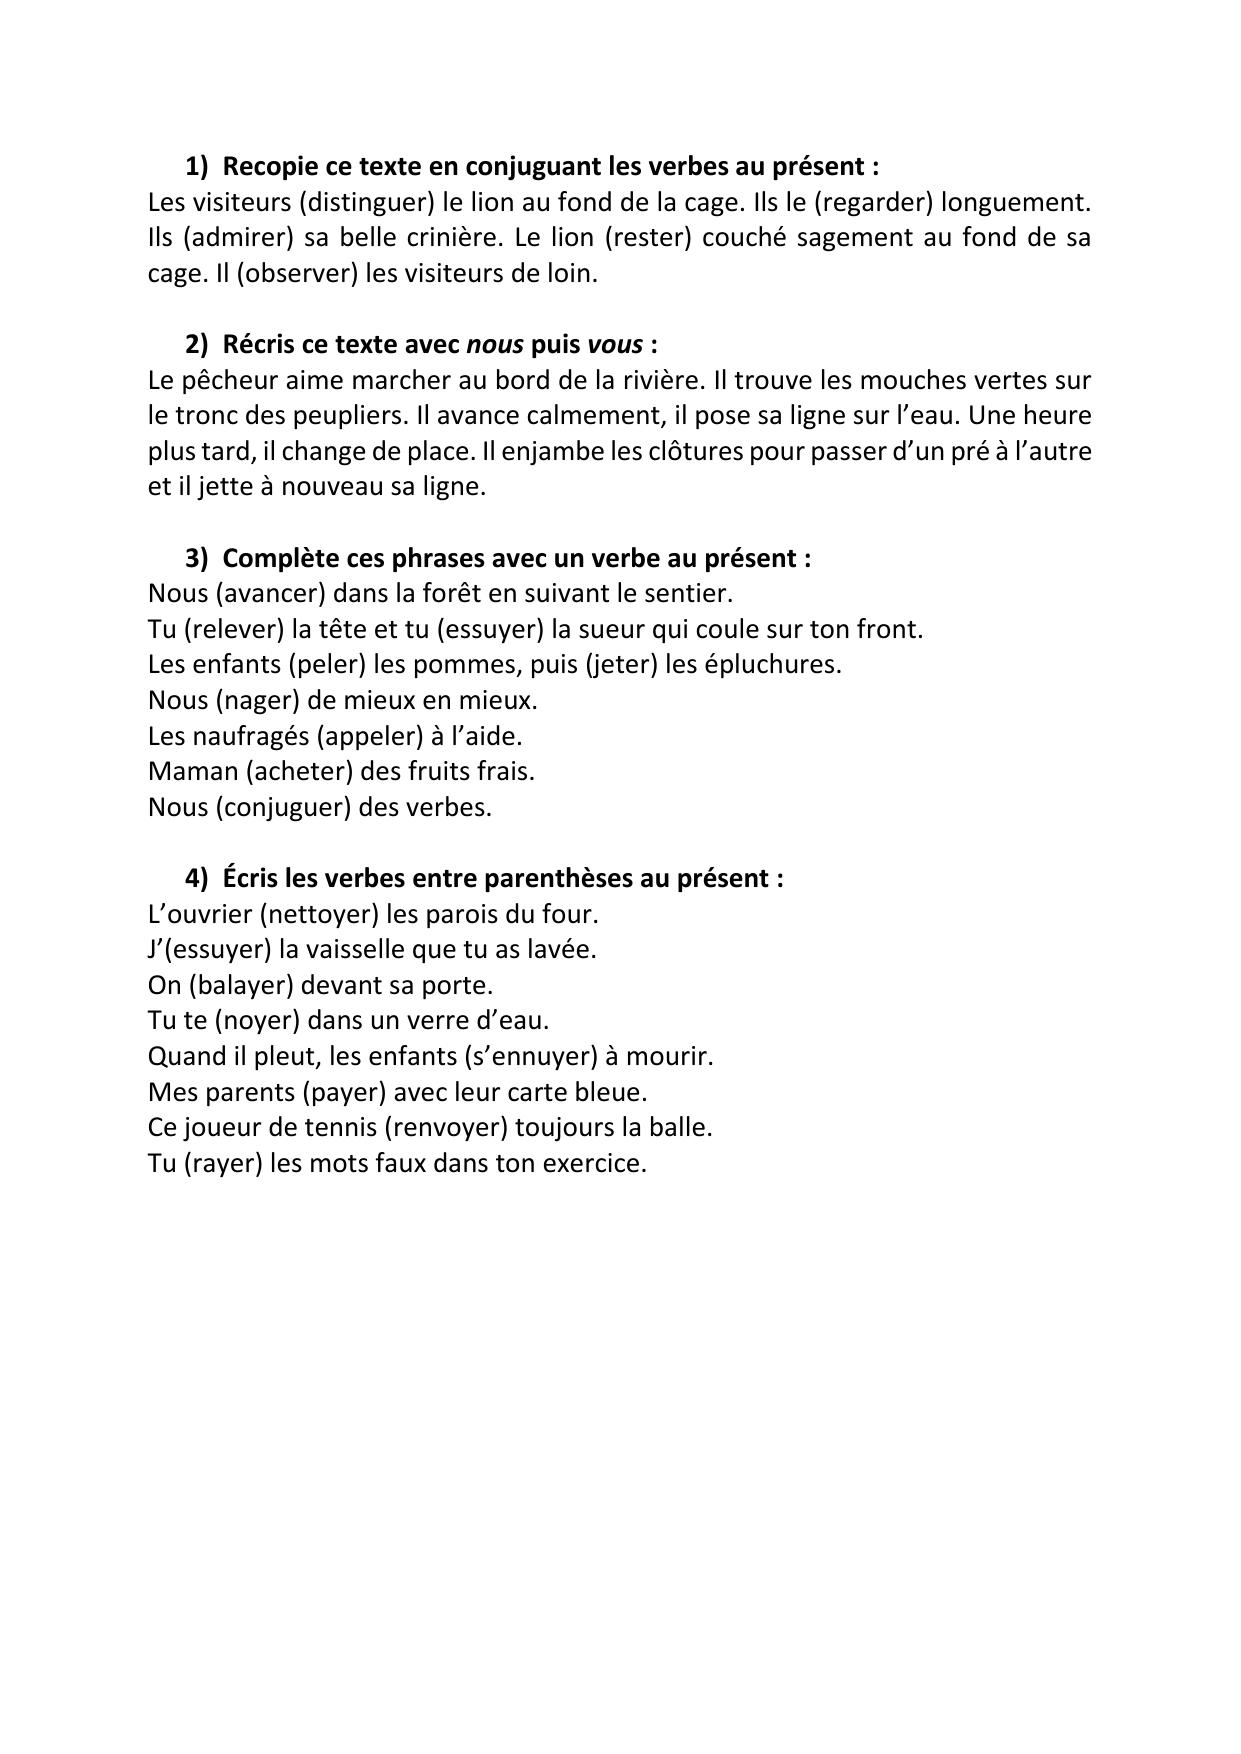 1 Recopie Ce Texte En Conjuguant Les Verbes Au Present Les